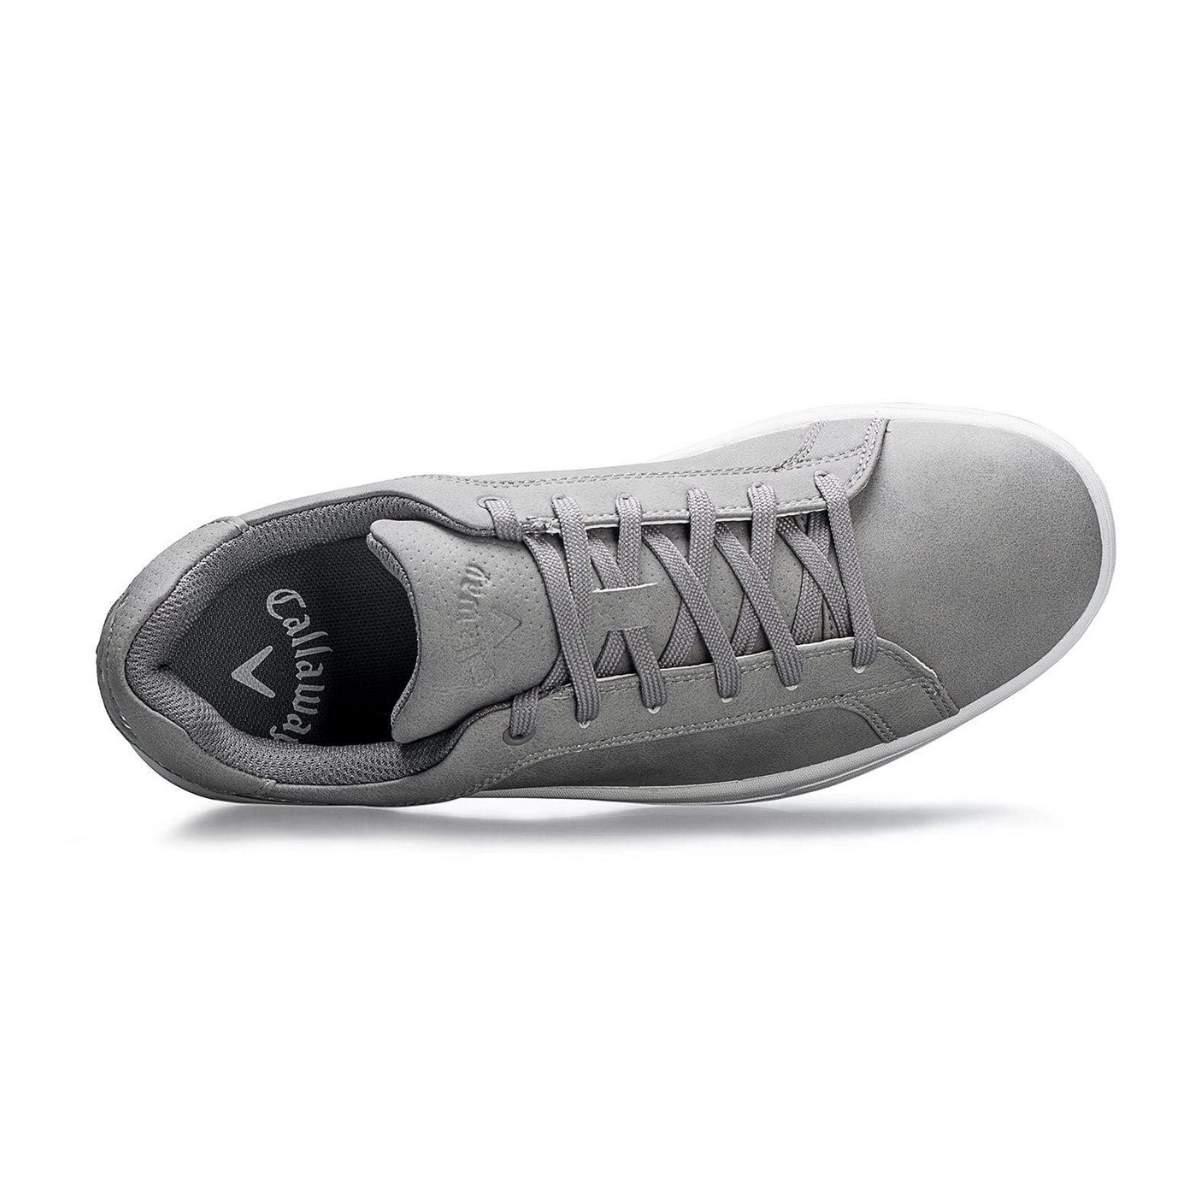 Callaway Women's Del Mar Grey Golf Shoes